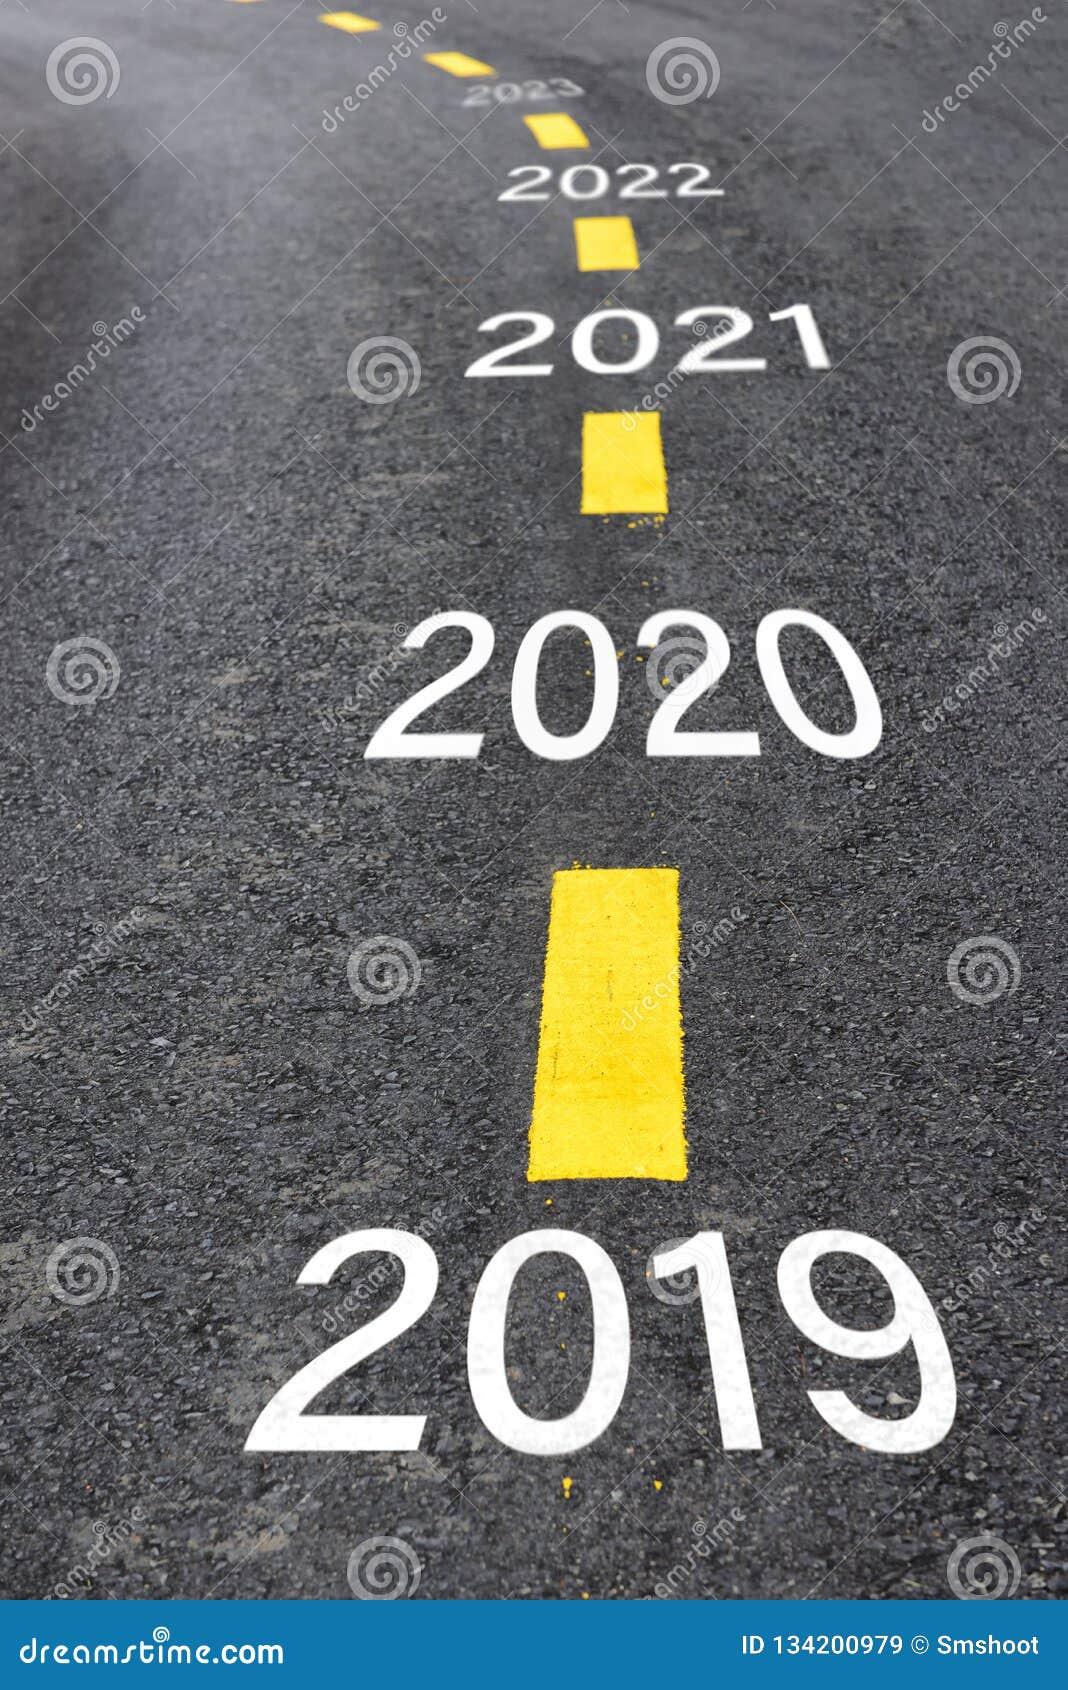 Номер 2019 к 2023 на дорожном покрытии асфальта